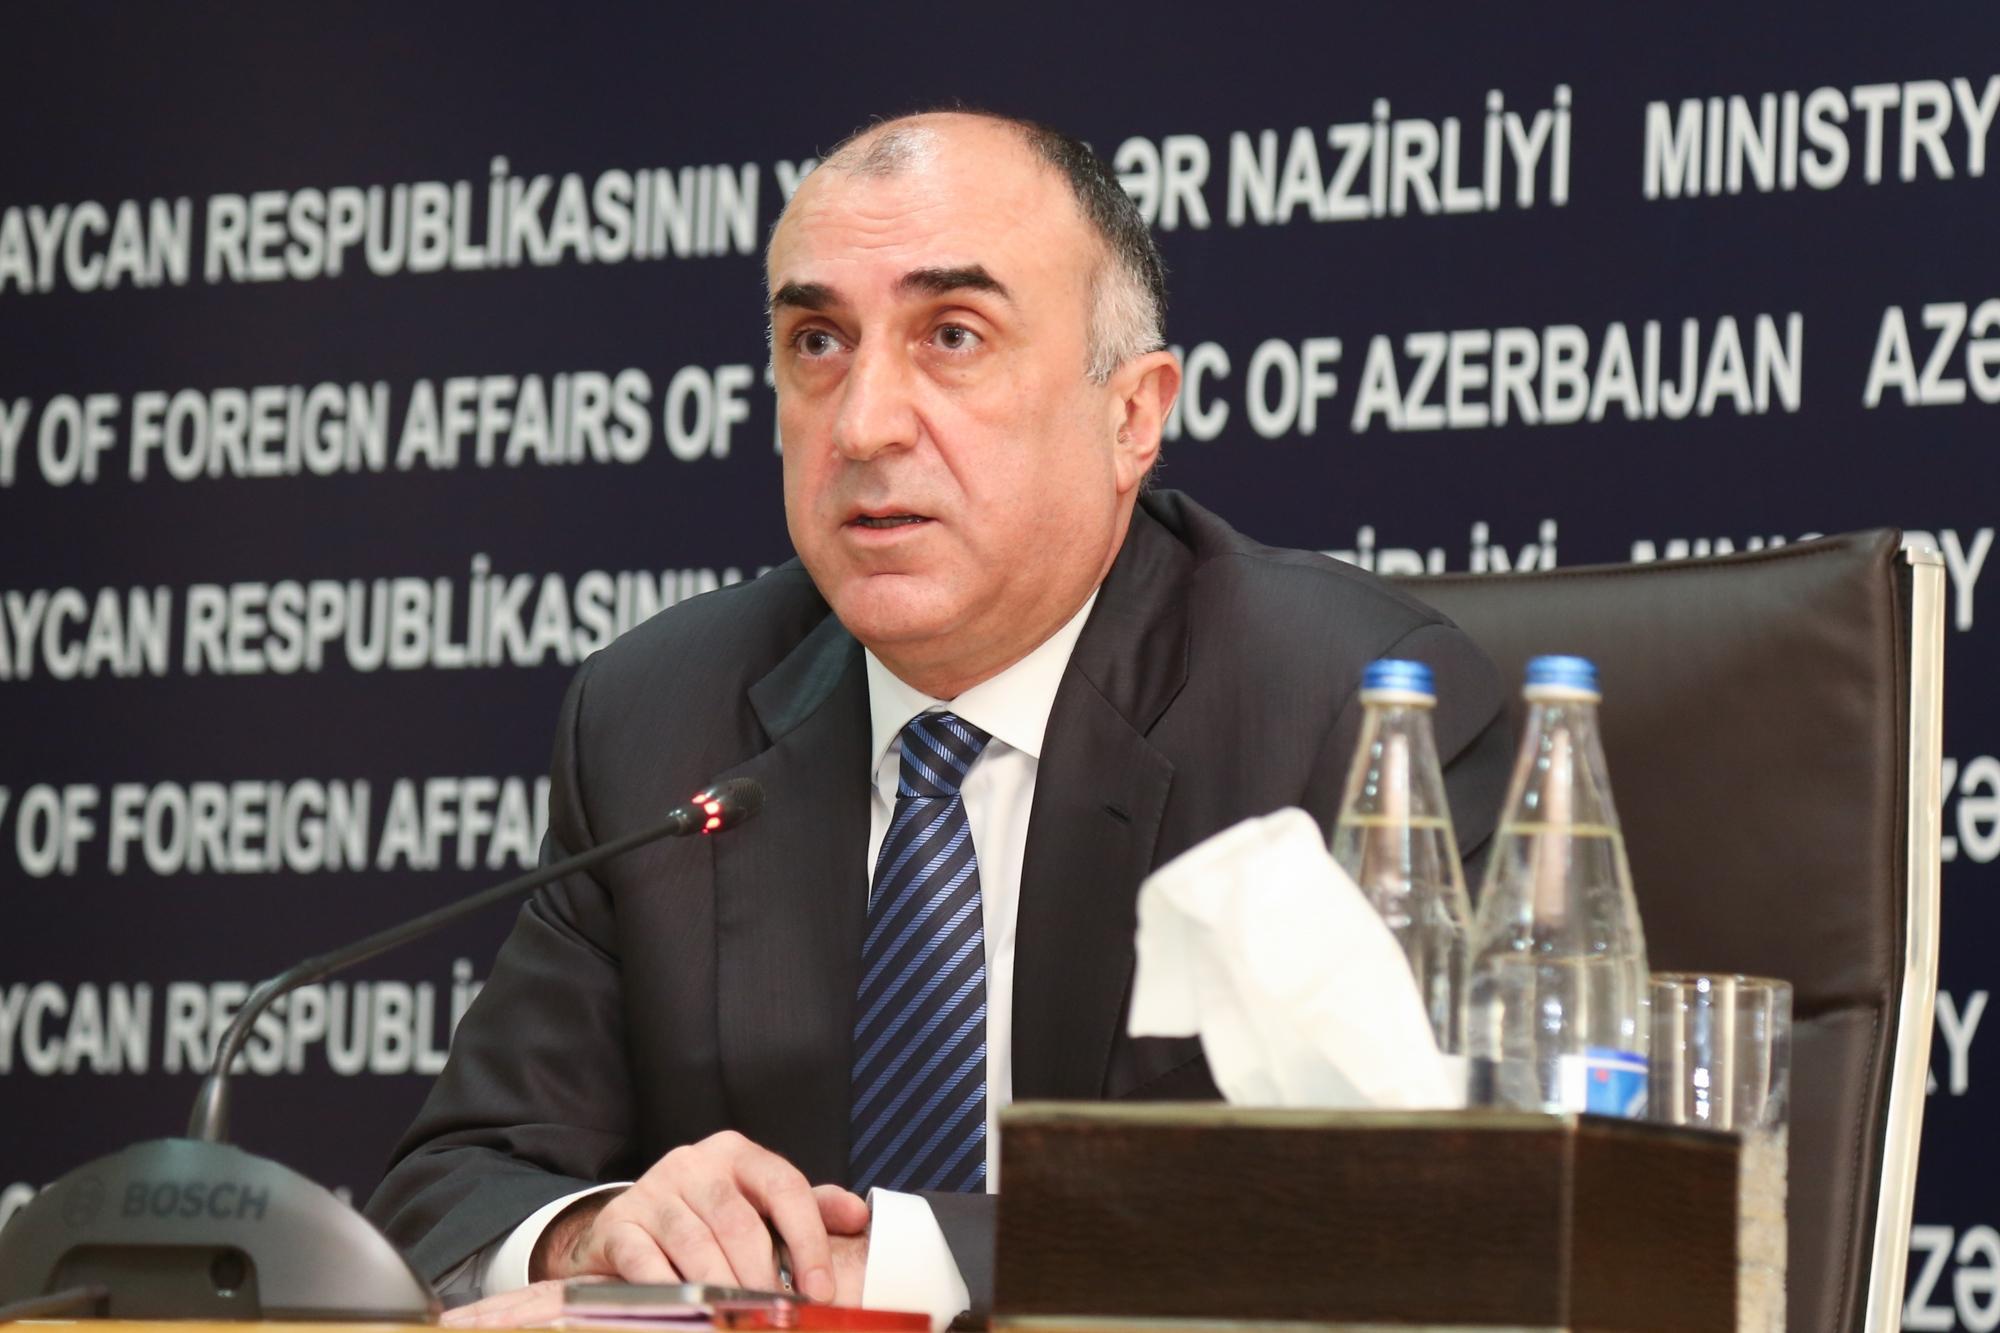 Глава МИД: Азербайджан и Грузия поддерживают друг друга на международной арене